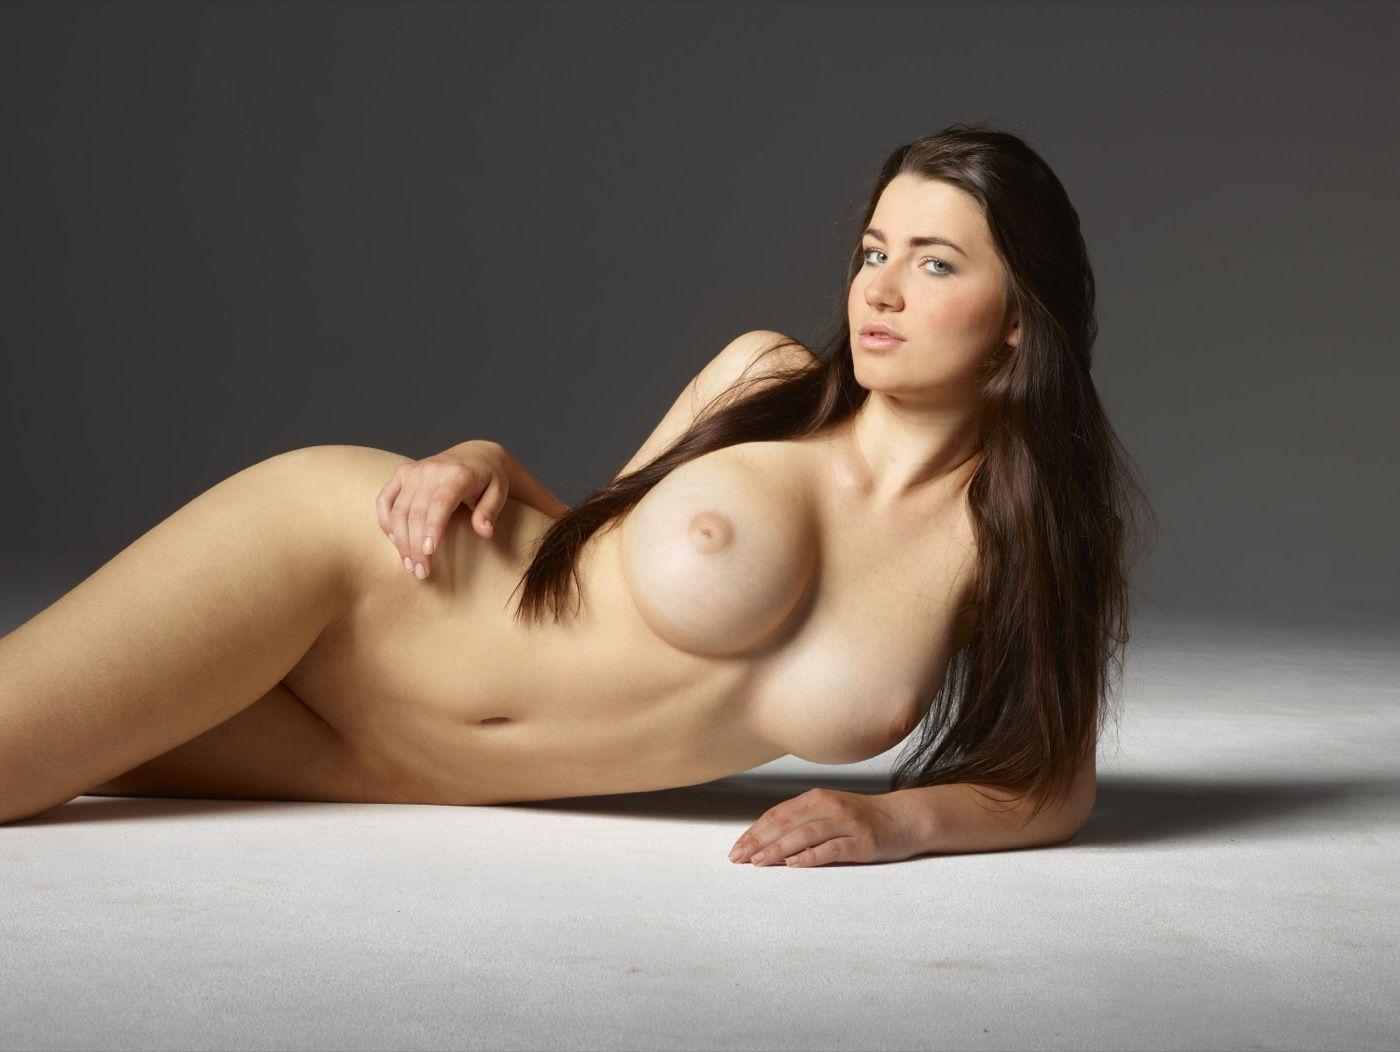 голые девушки с пышными